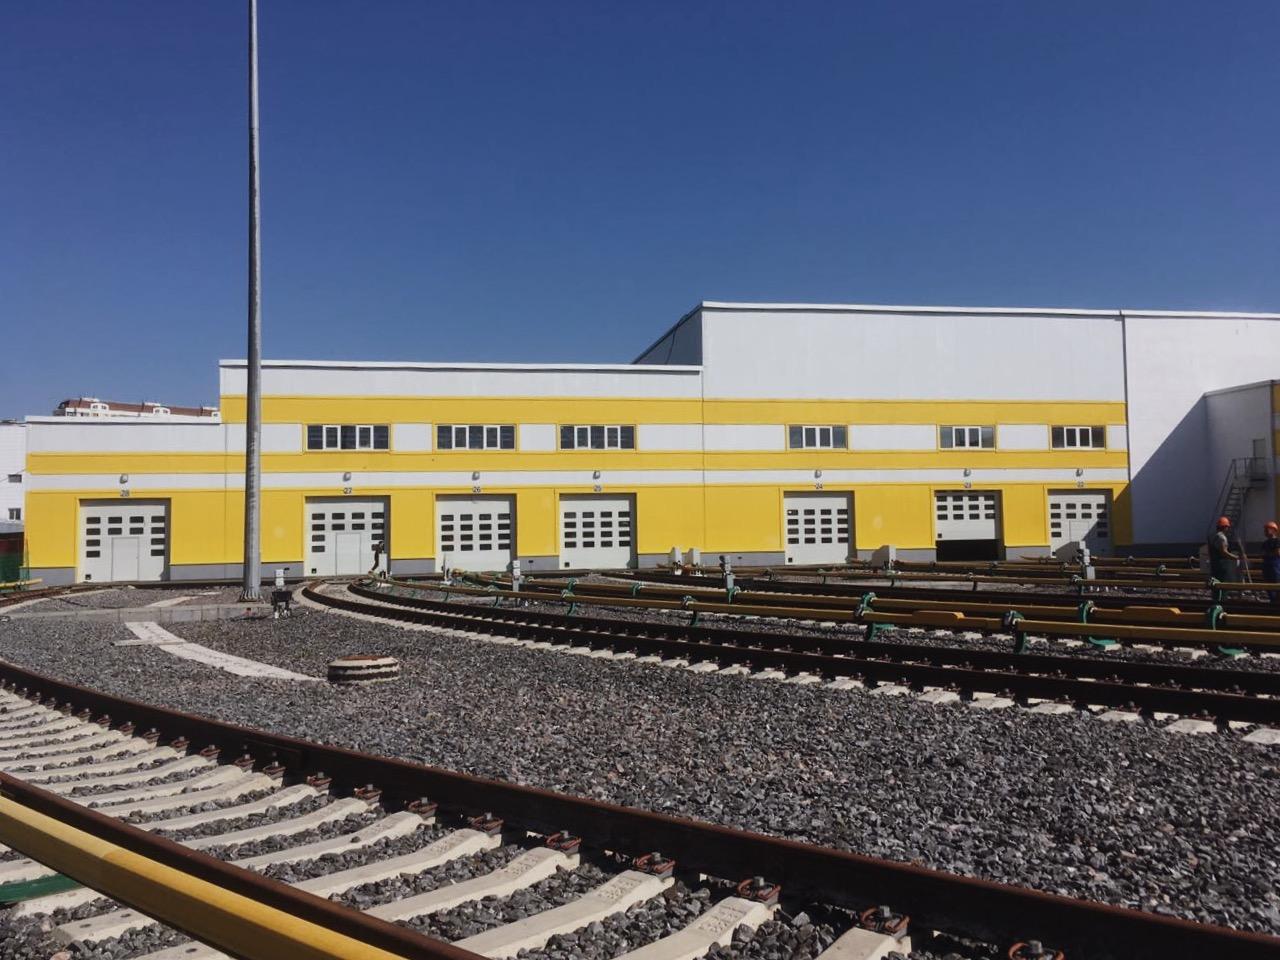 Семь новых станций Калининско-Солнцевской линии метро готовы к вводу в эксплуатацию